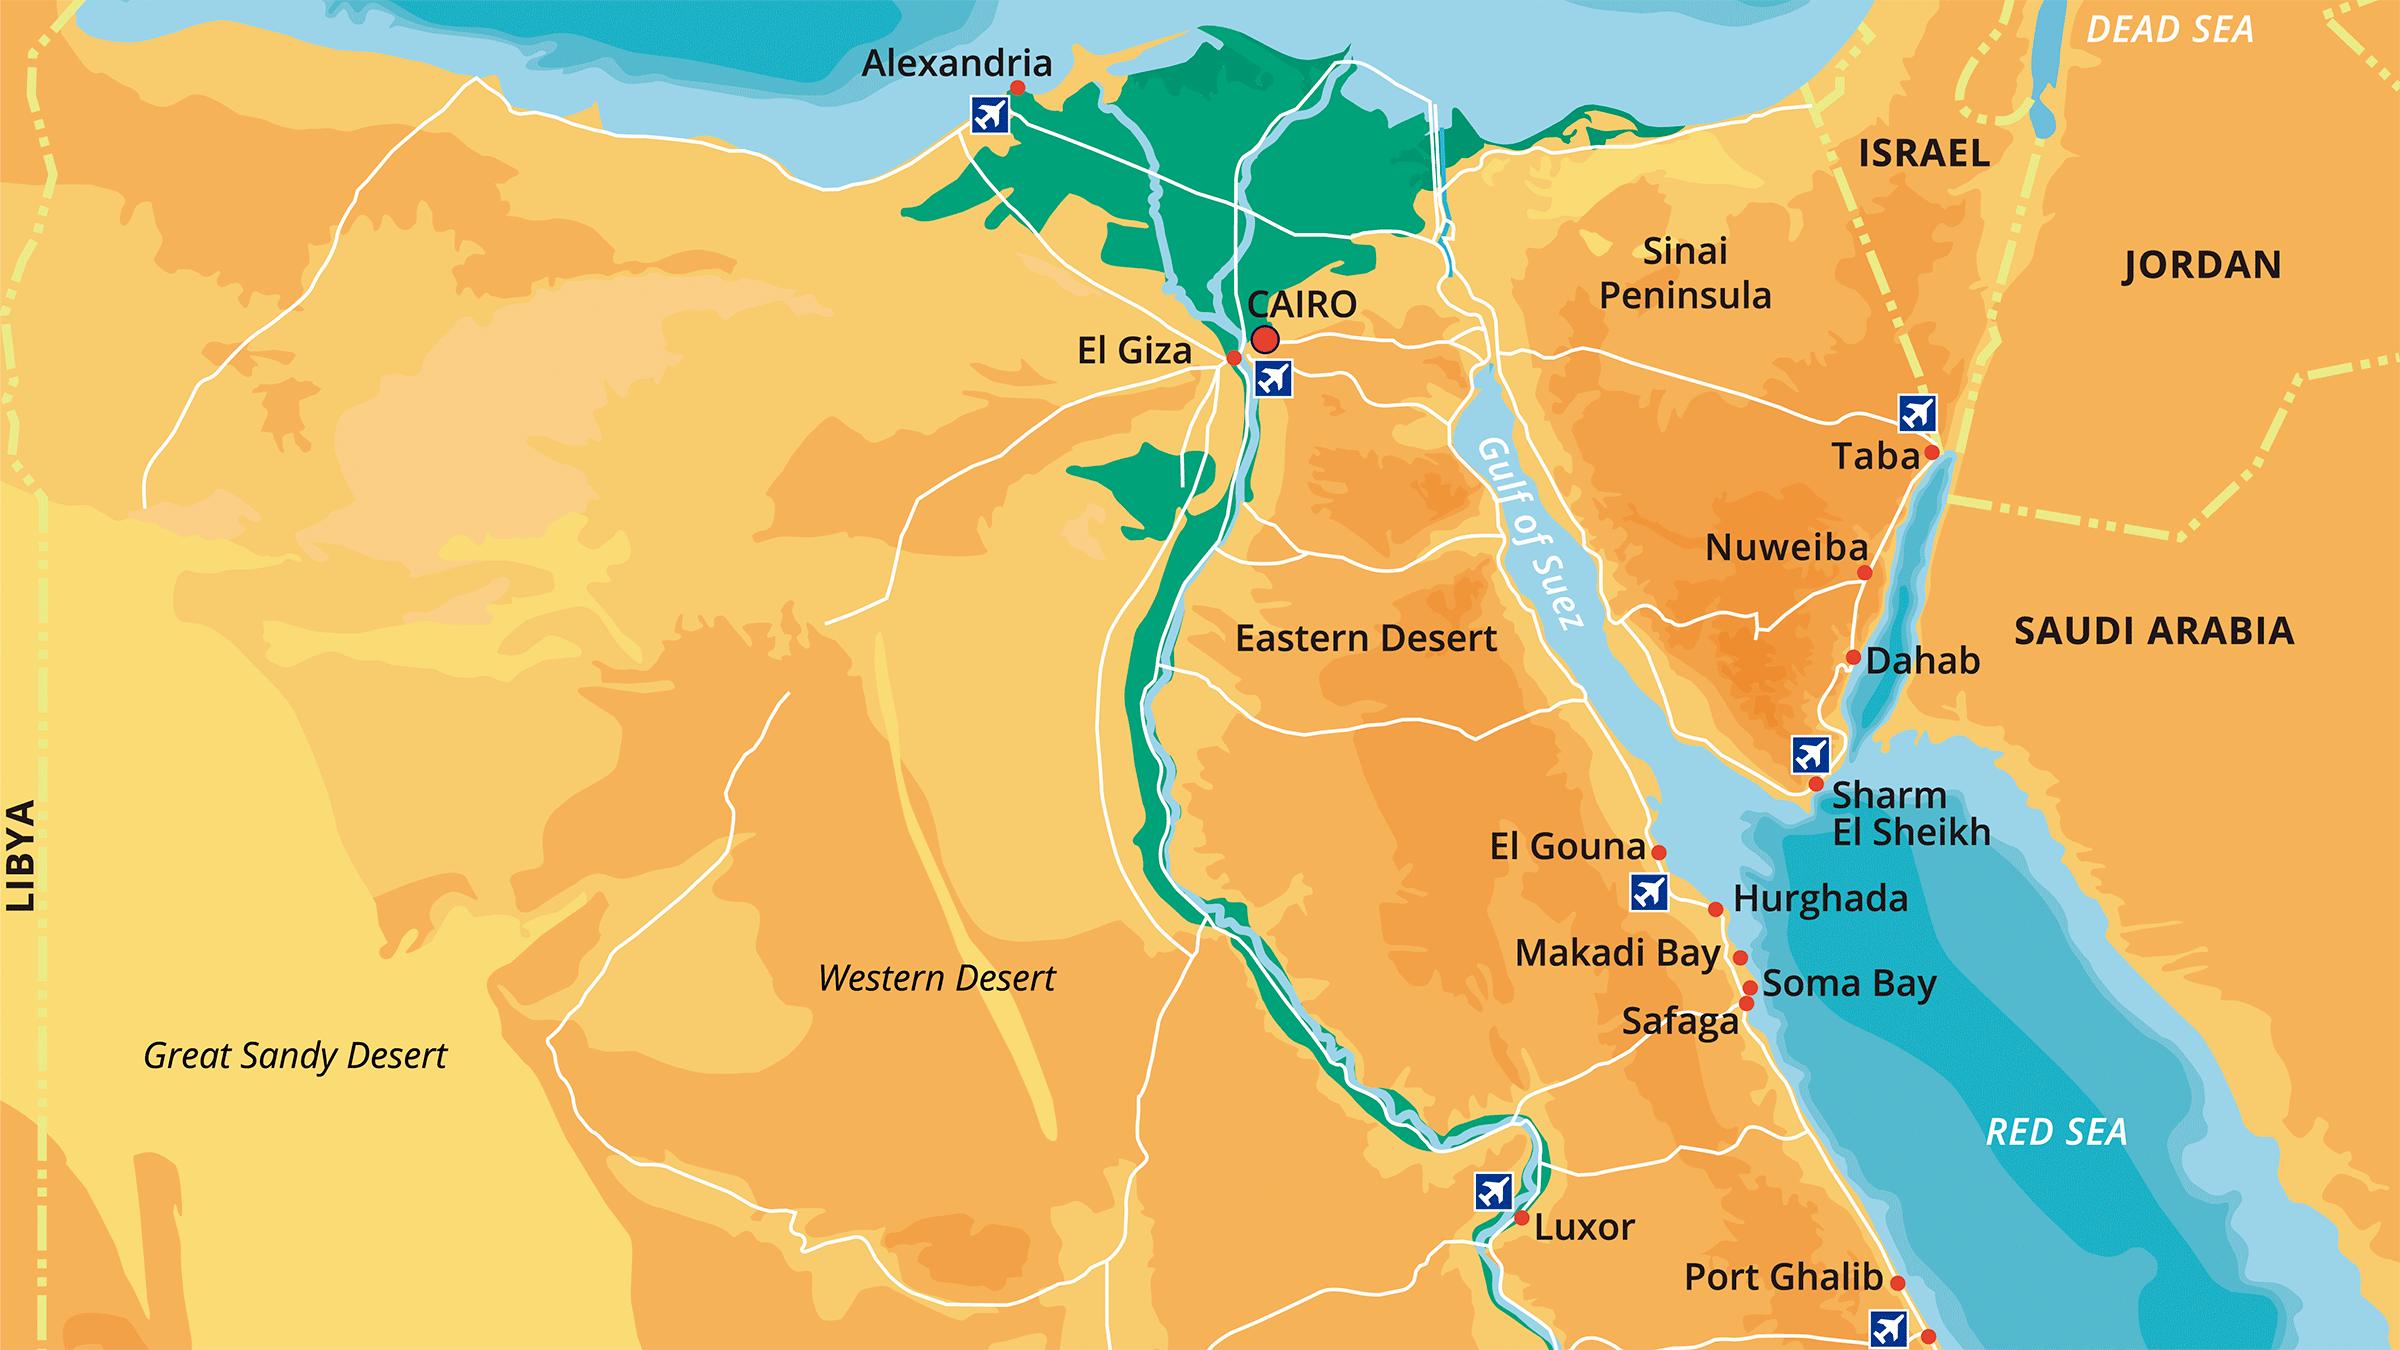 egipto mapa Mapa de Egipto egipto mapa